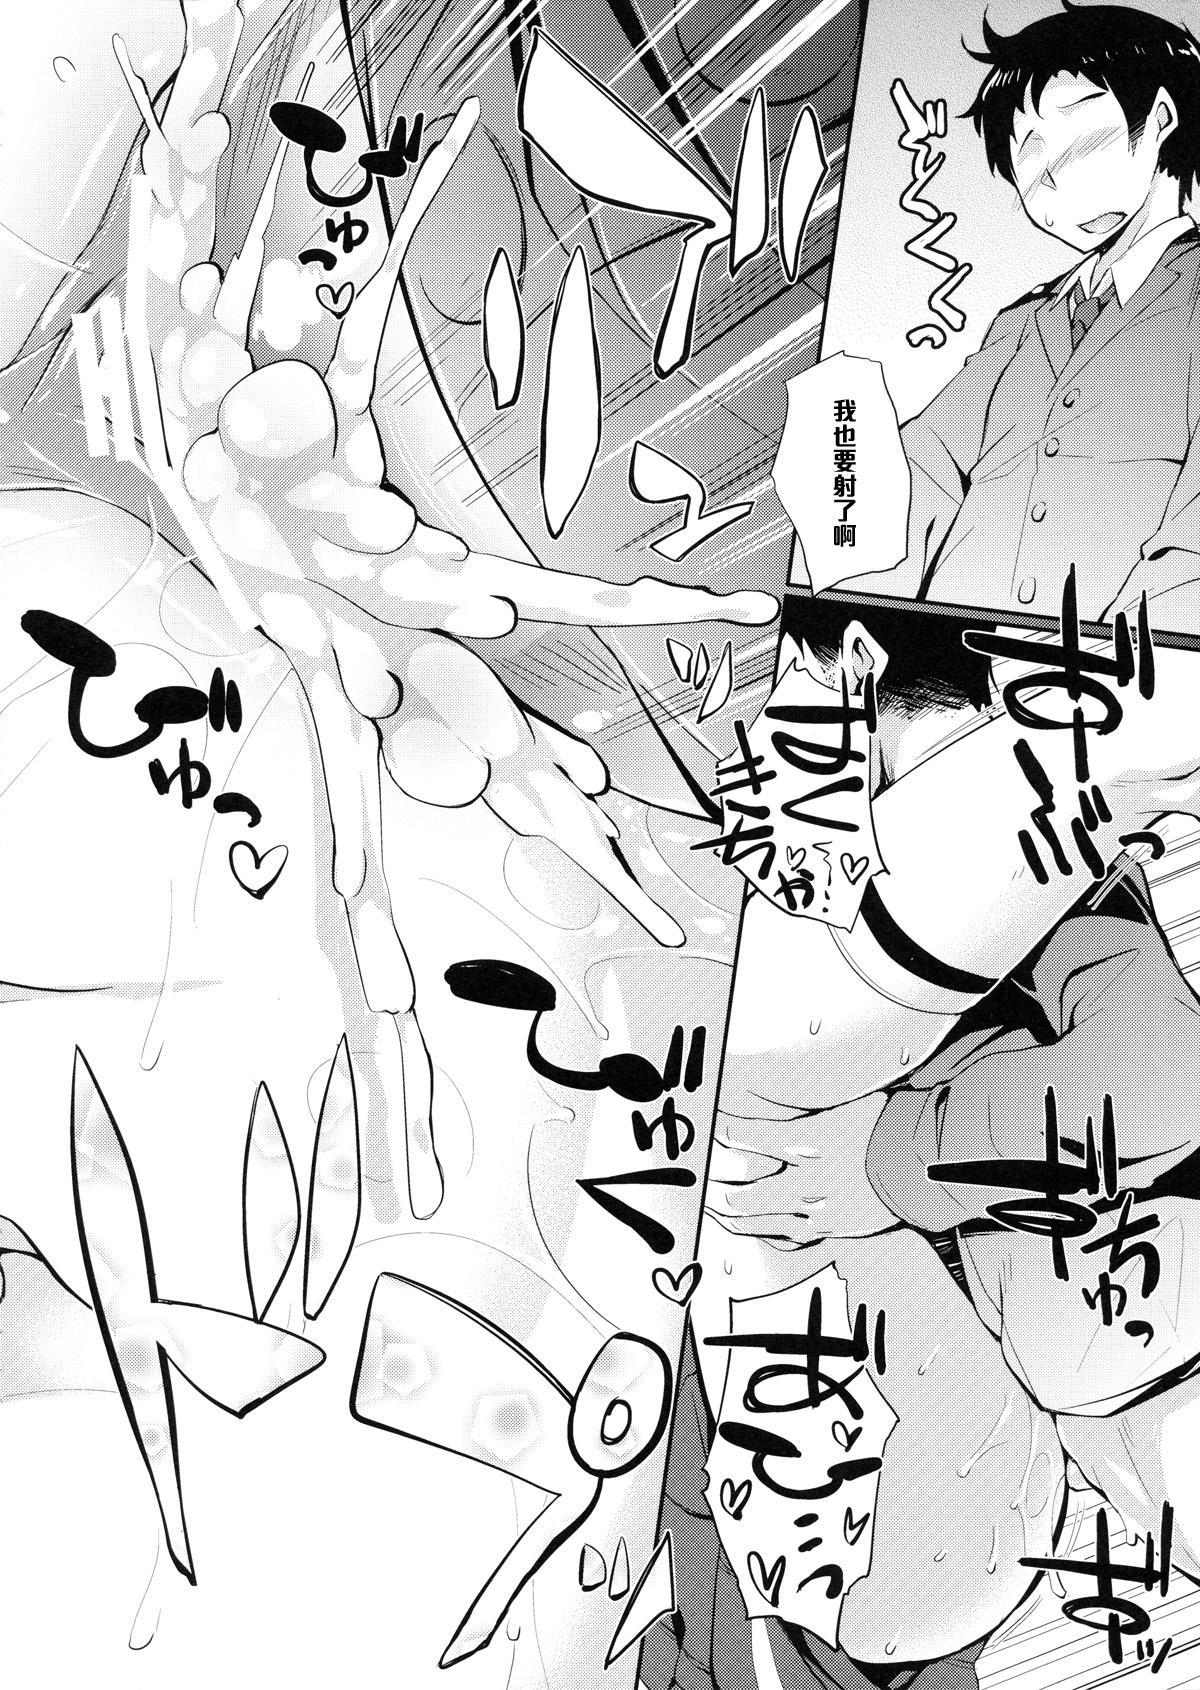 Yakusoku wa Mamoru mon 12